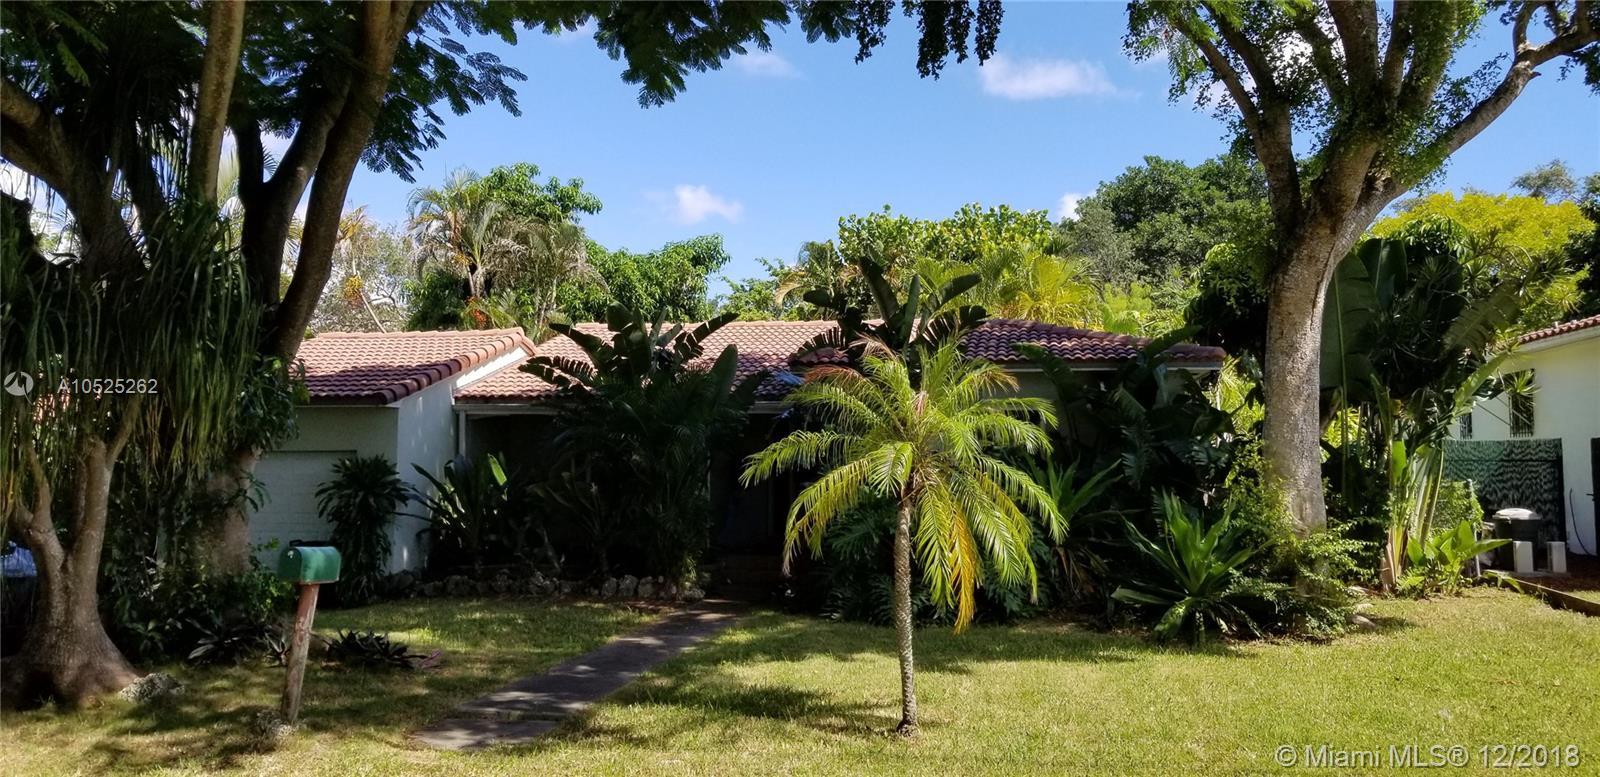 849 Ne 92nd St, Miami Shores FL, 33138